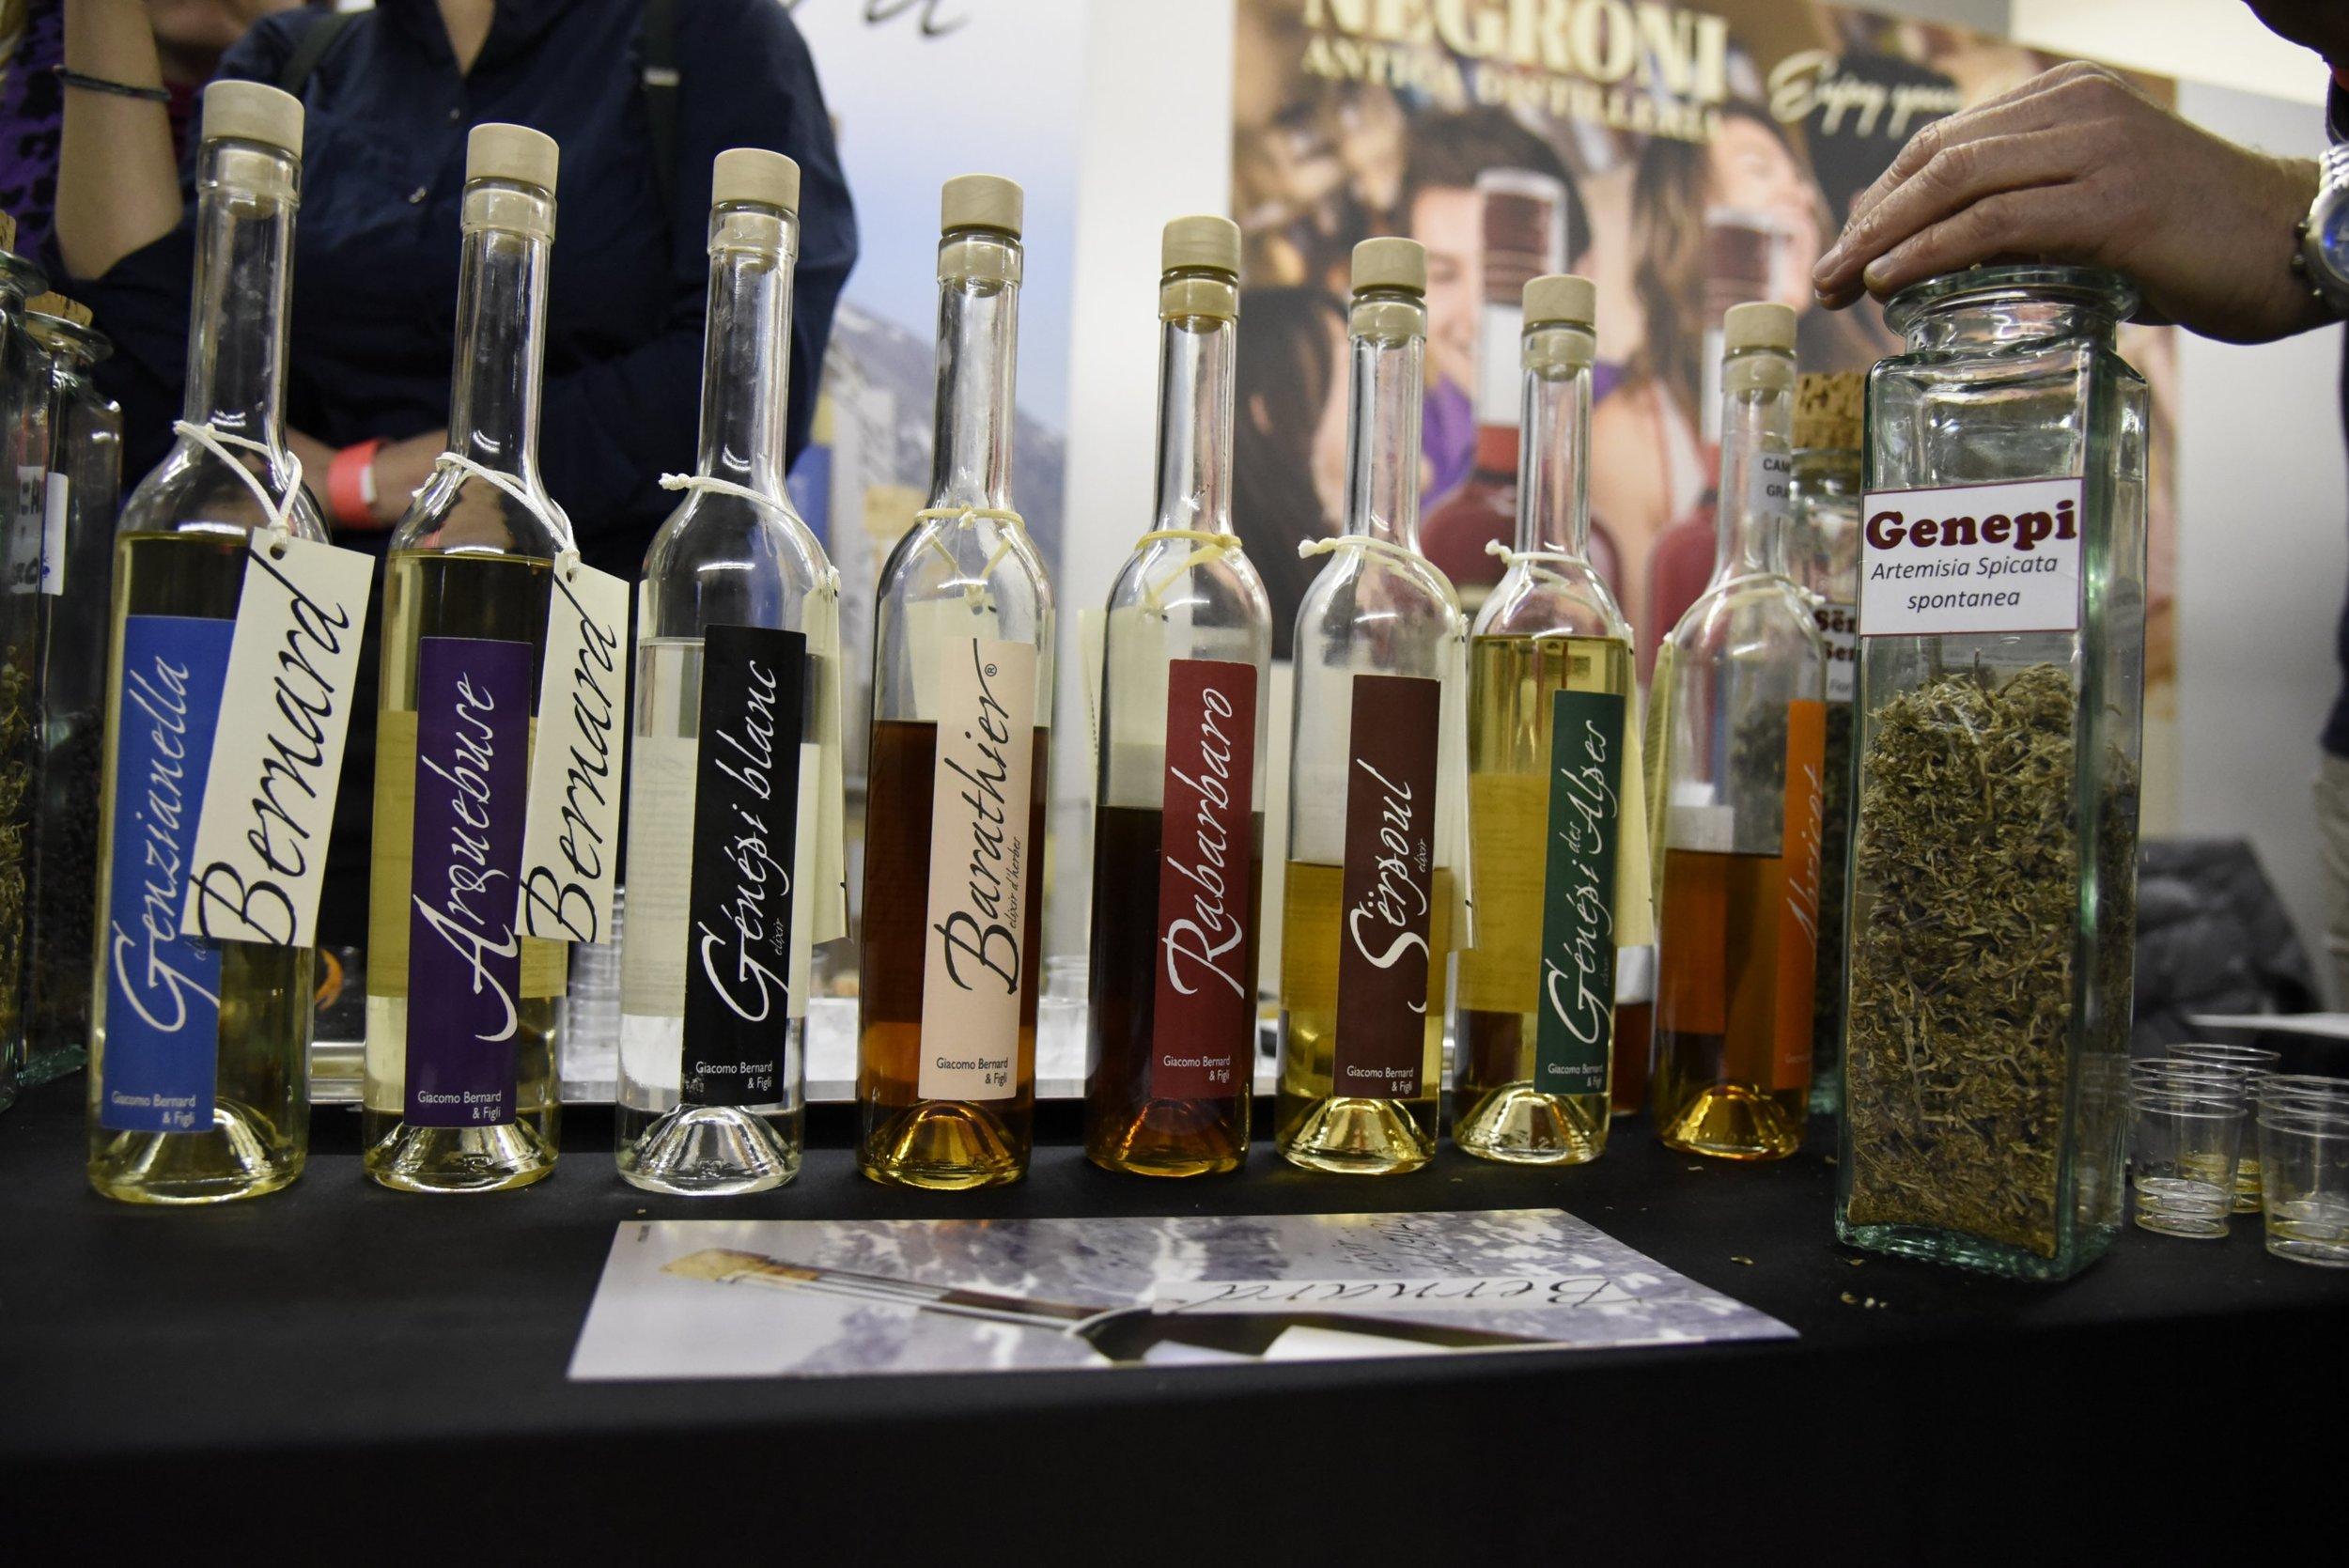 The delicious liqueurs of Bernard e figli